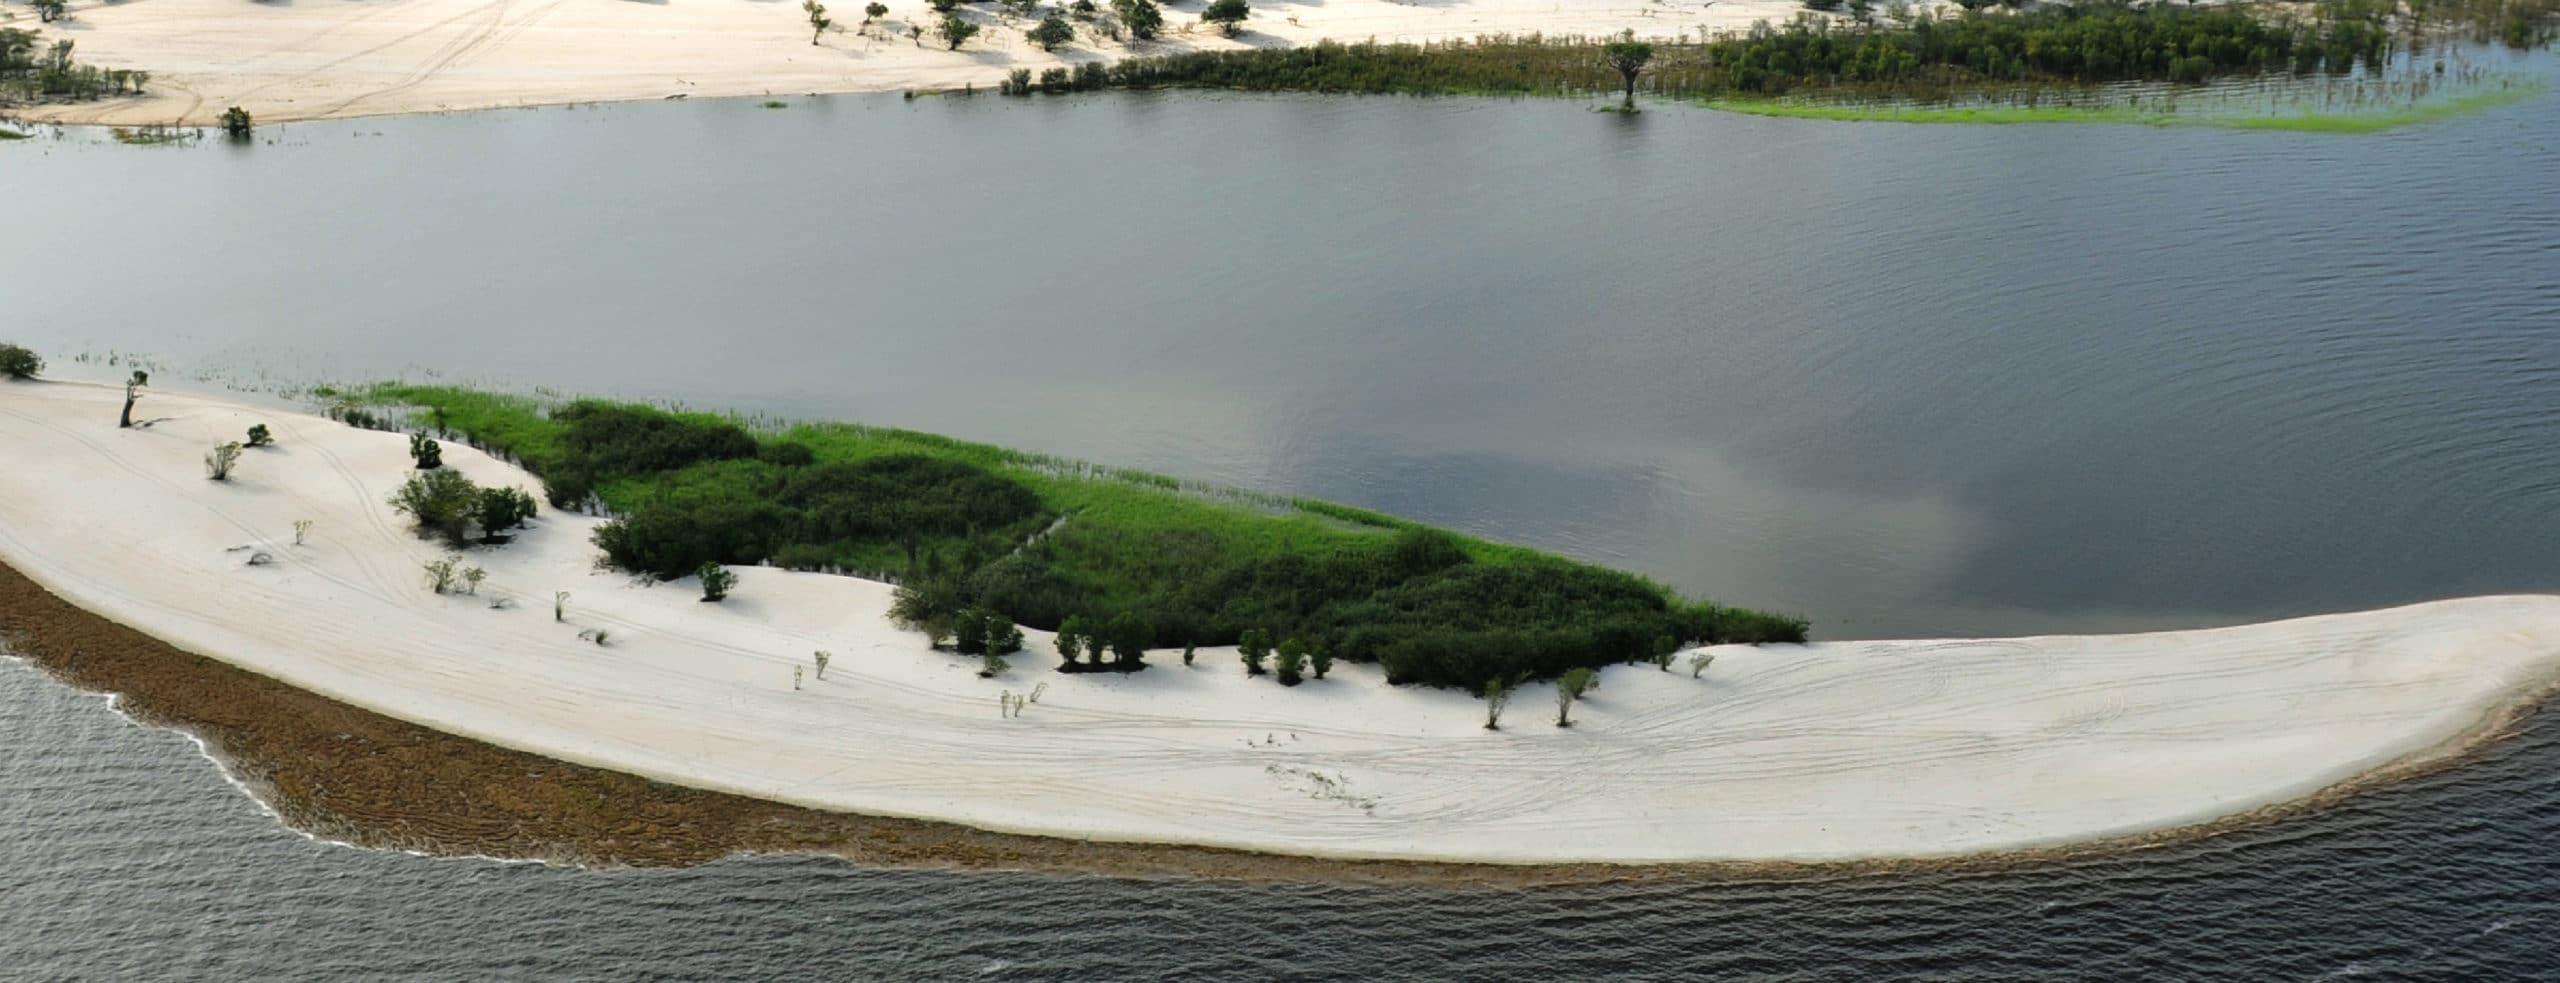 Praia da Lua, Manaos - RipioTurismo DMC for Brazil